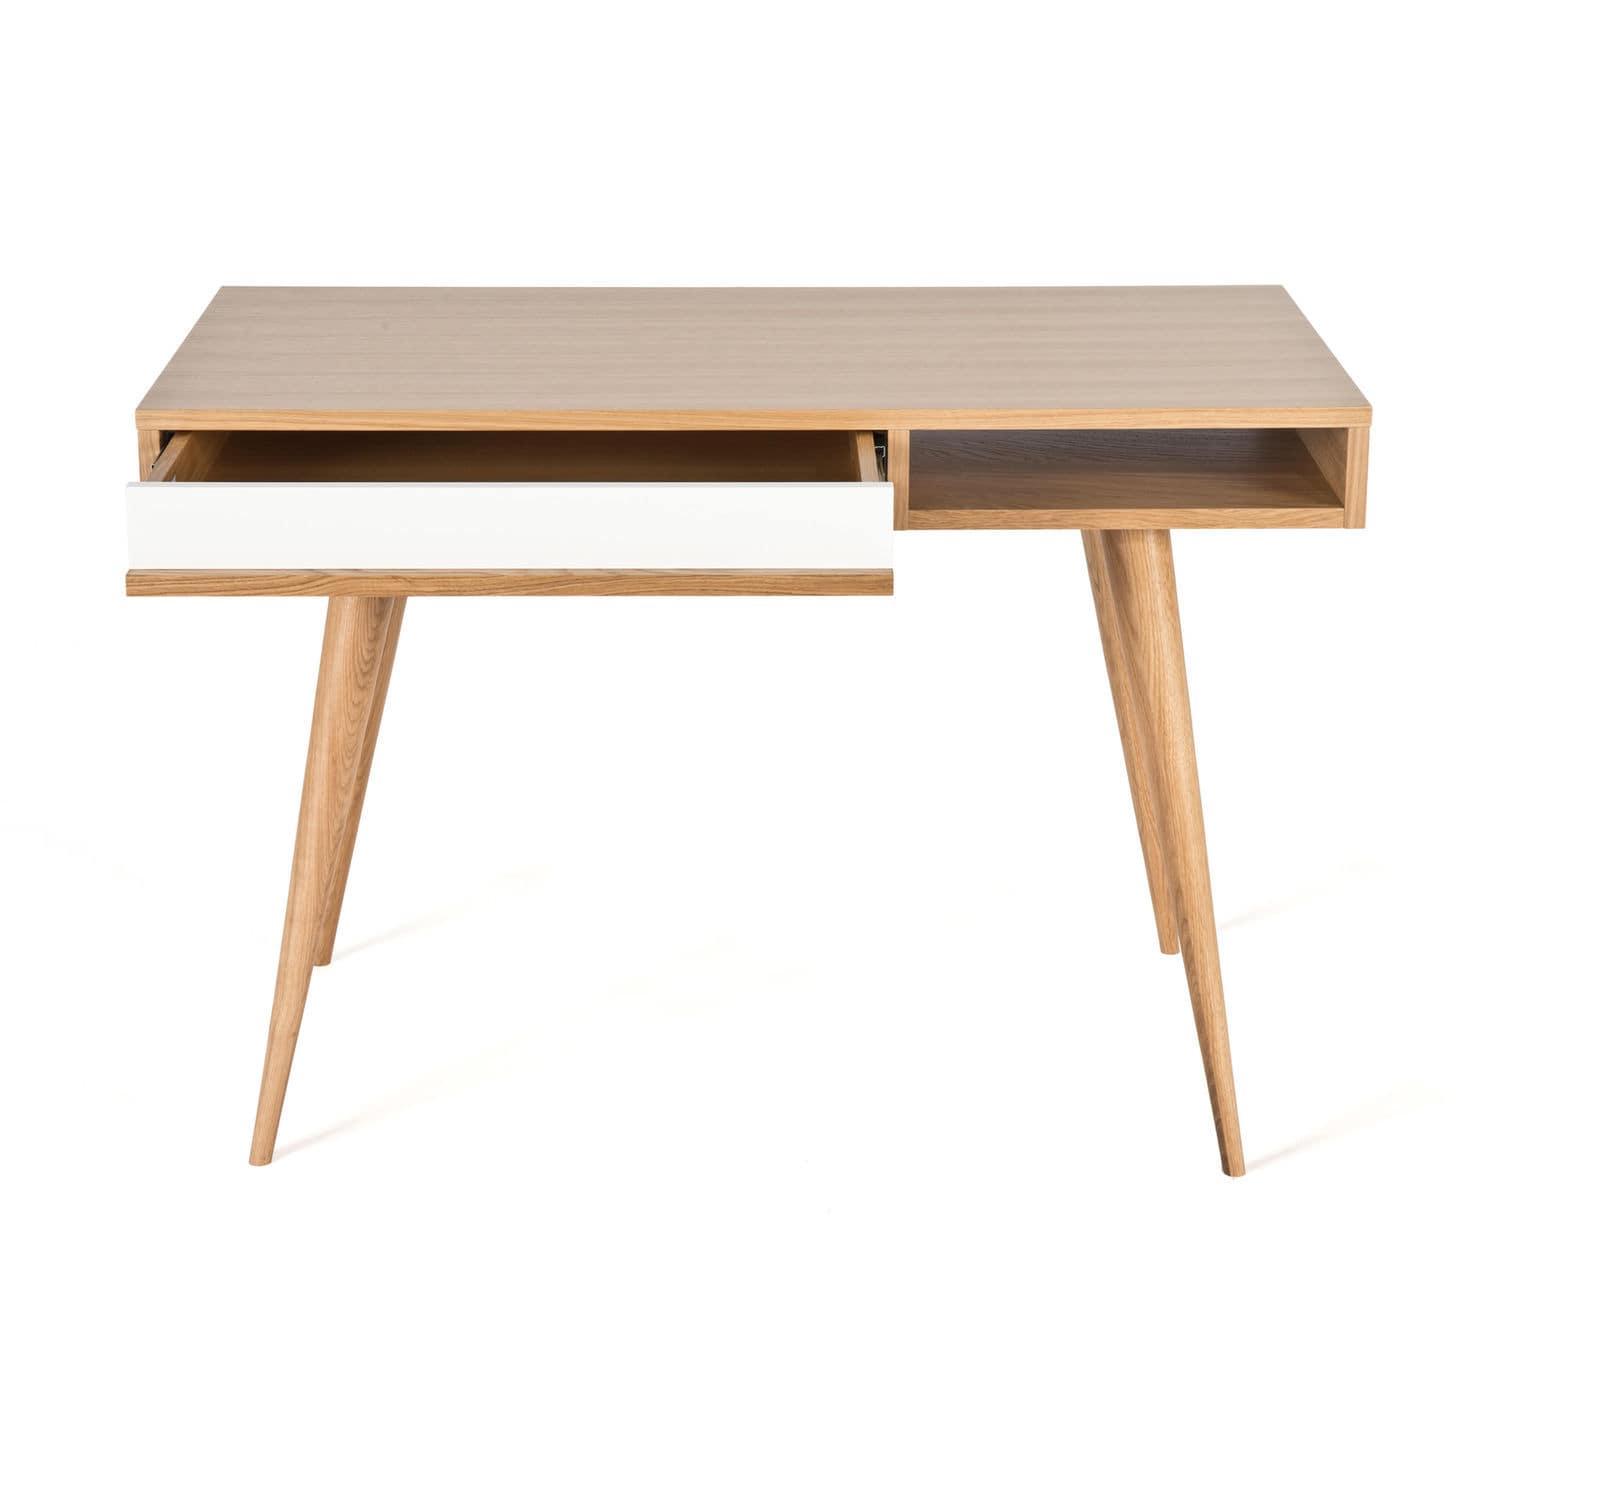 Schreibtisch Beine Holz.Holz Schreibtisch Modern Integrierter Stauraum Celine